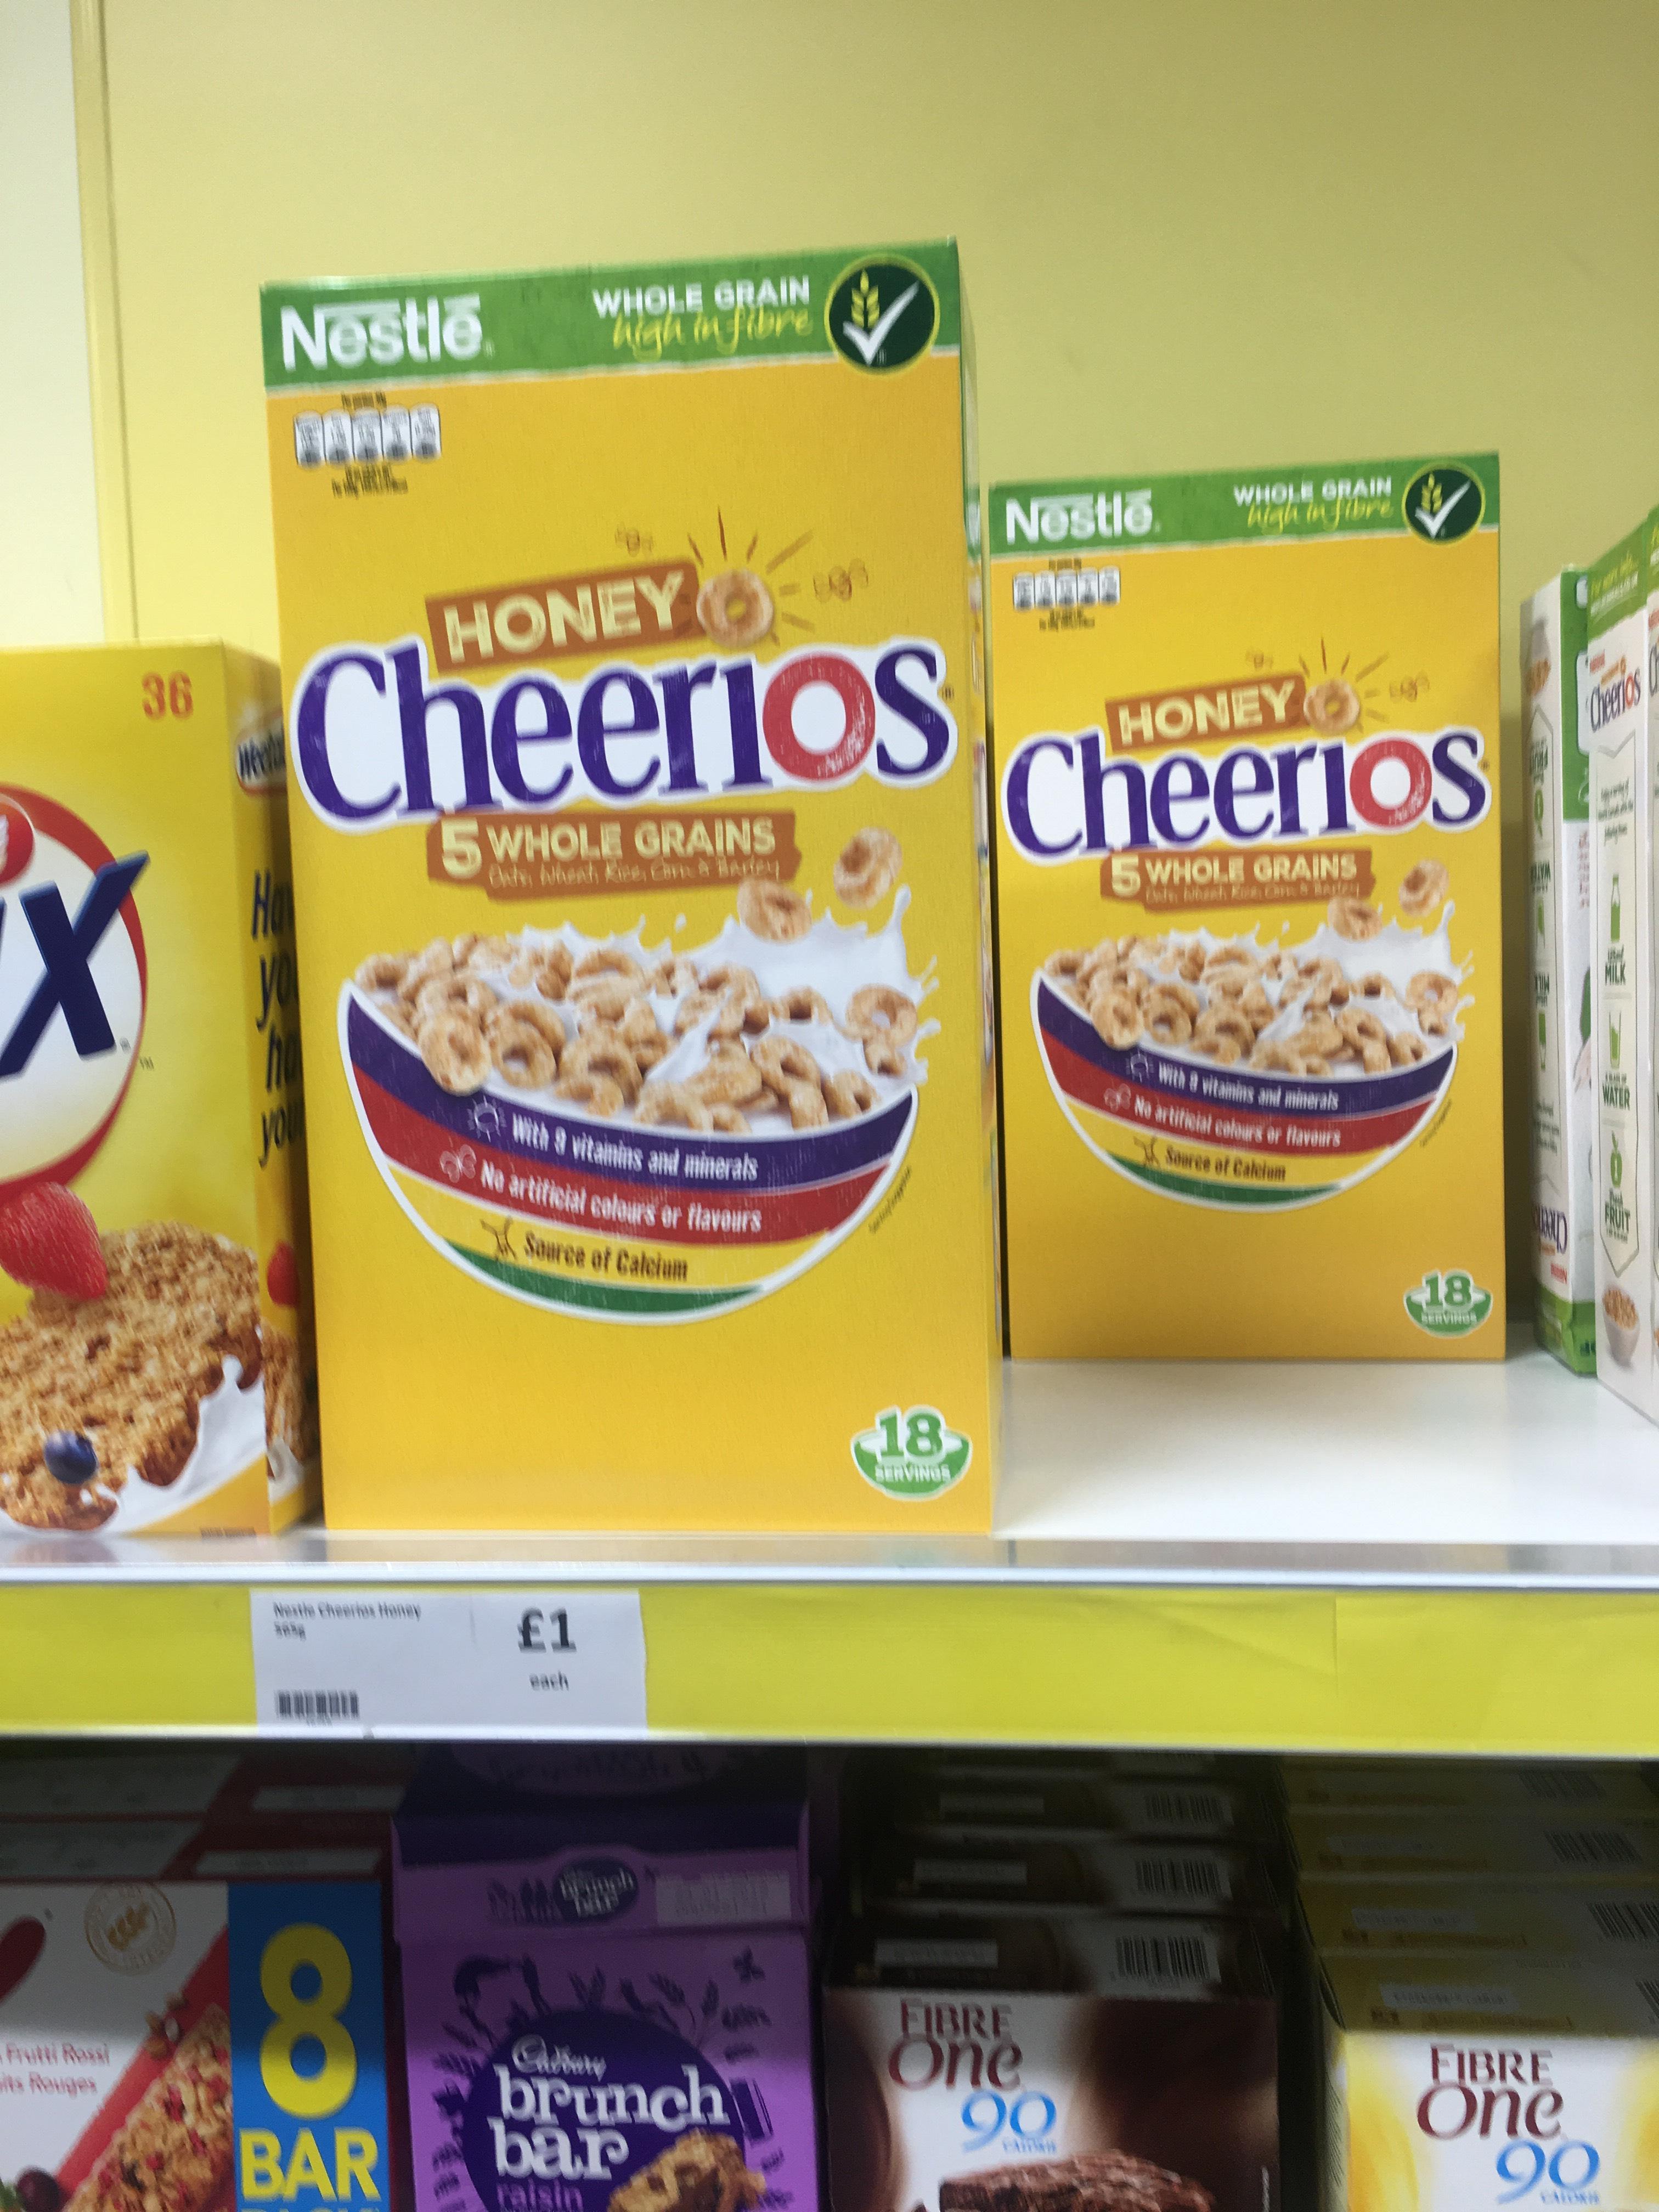 565g box of honey cheerios £1 Heron in store